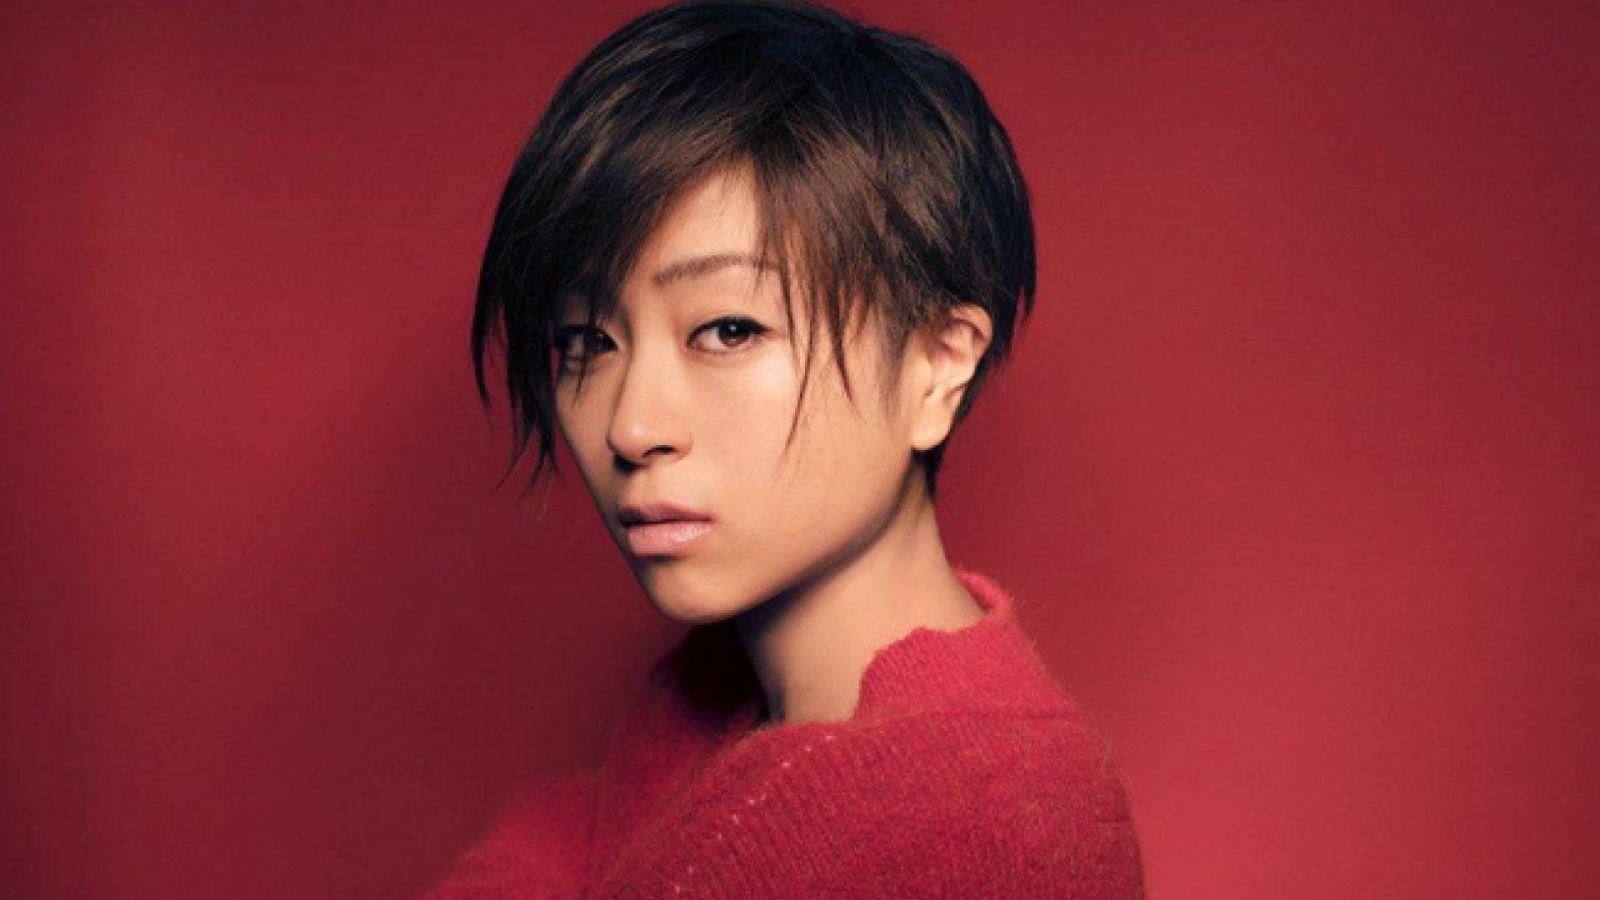 Utada Hikaru's New Single to Receive Worldwide Digital Release © Maciej Kucia